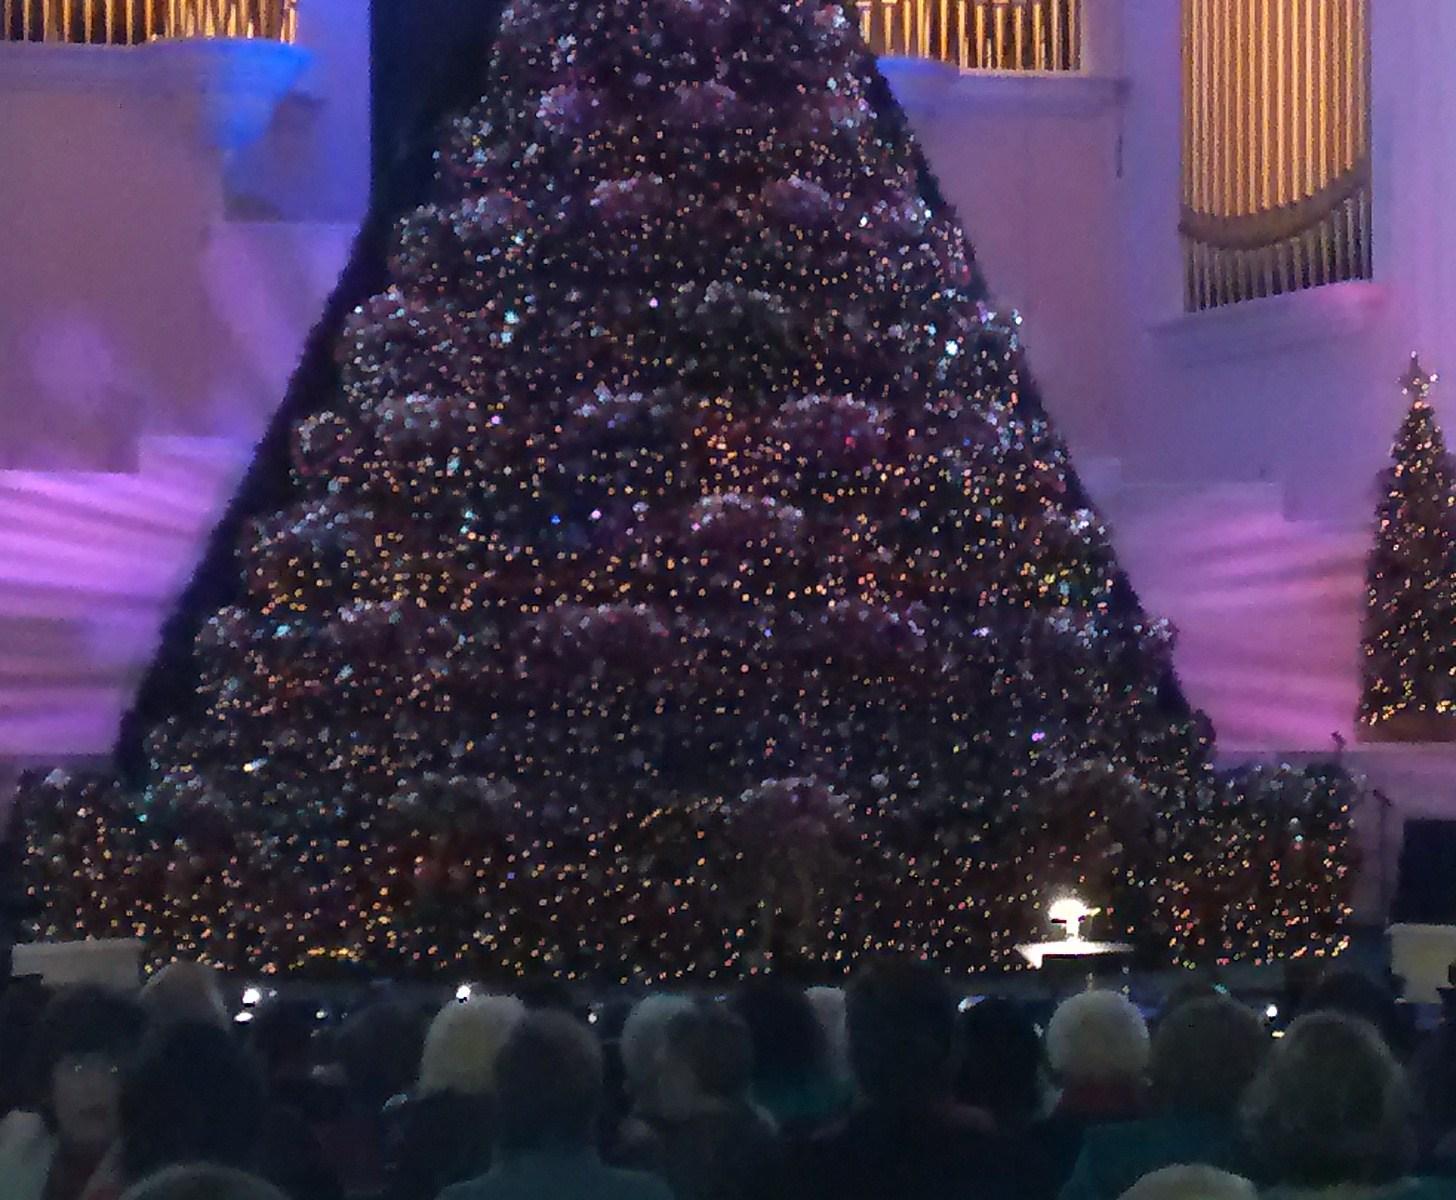 Living Christmas tree En Potencial Millonario con Felix A. Montelara el Mentor Millonario